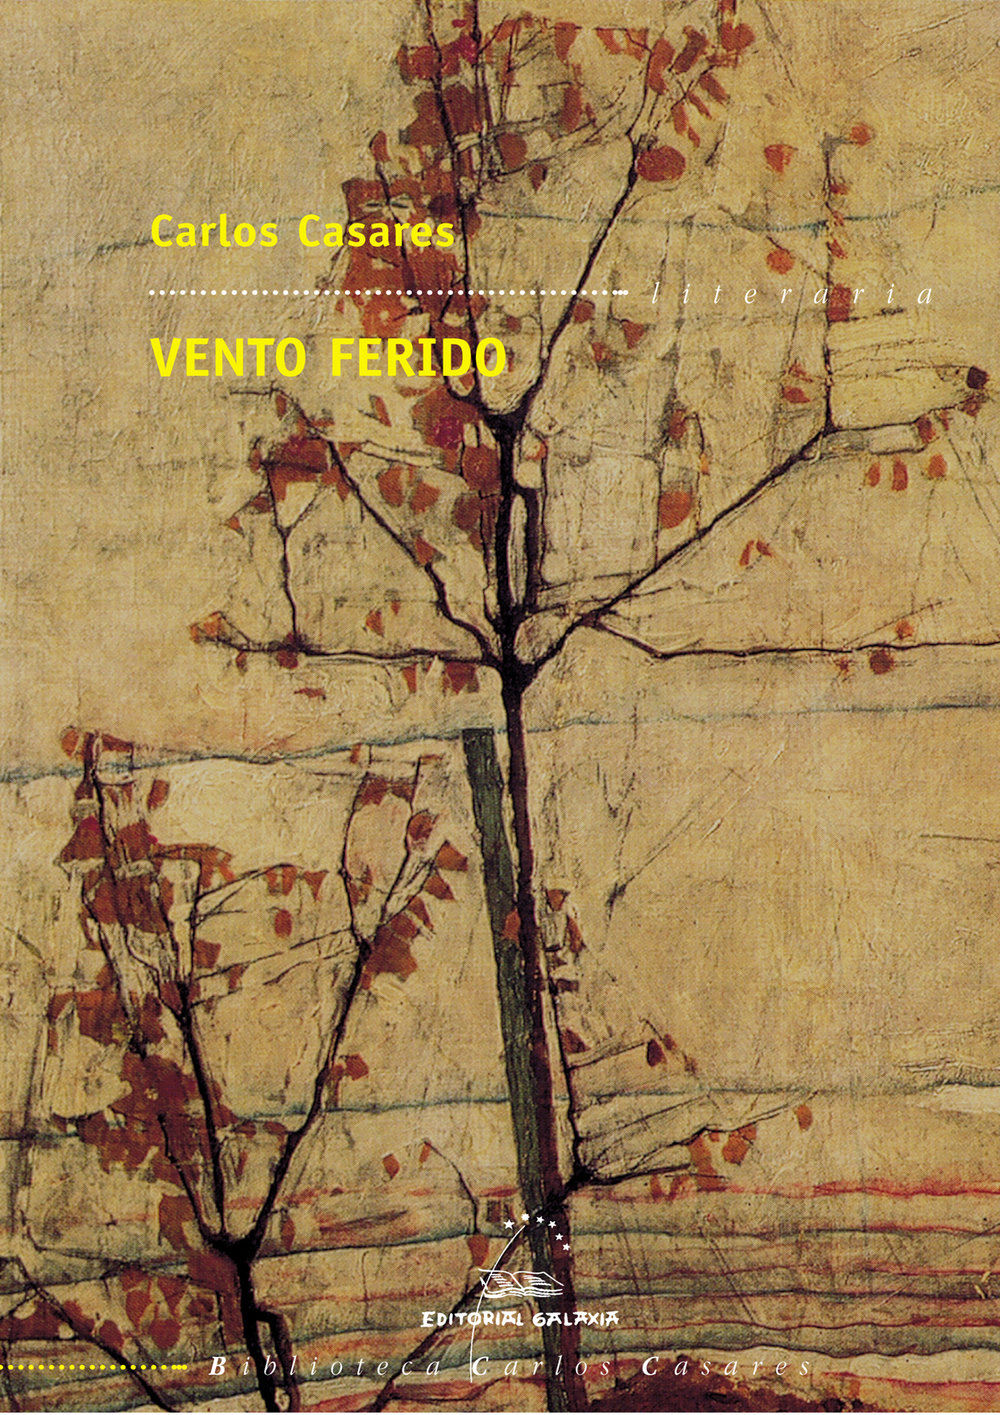 Non só é un bo libro de relatos, senón que é do máis persoal que escribiu. Aí está o verdadeiro Carlos, ao meu ver, medo, violencia, perturbación, ansiedade.  Suso de Toro, escritor